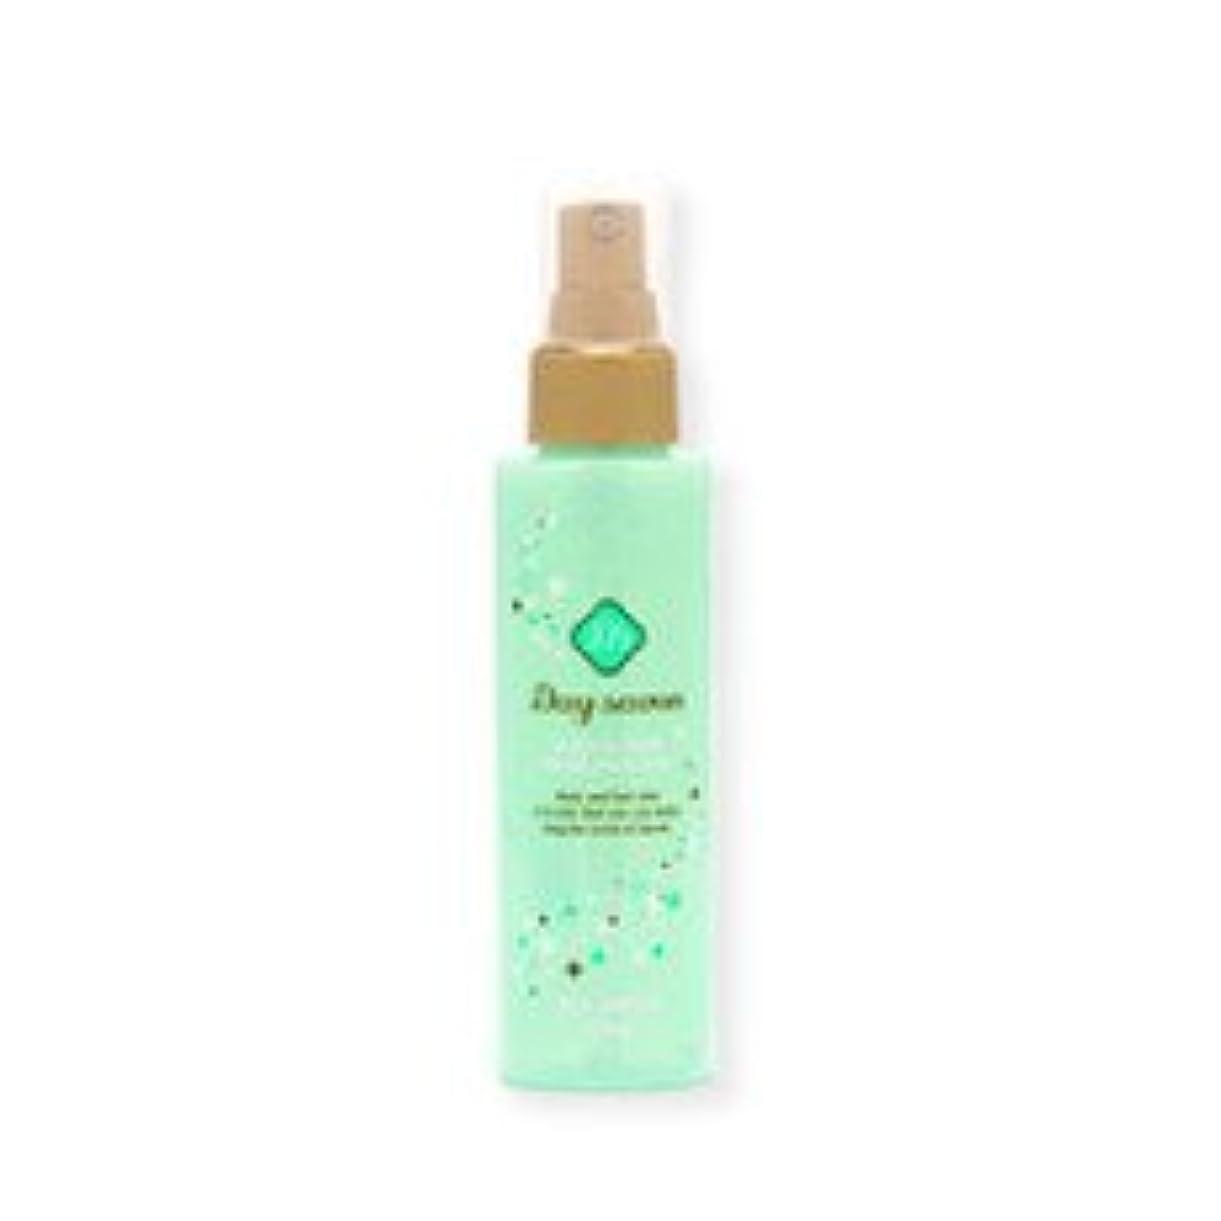 聡明メモディーラー富士薬品 デイサボン ボディ&ヘアミスト シーサボン(爽やかな石鹸の香り)[化粧水] 120mL